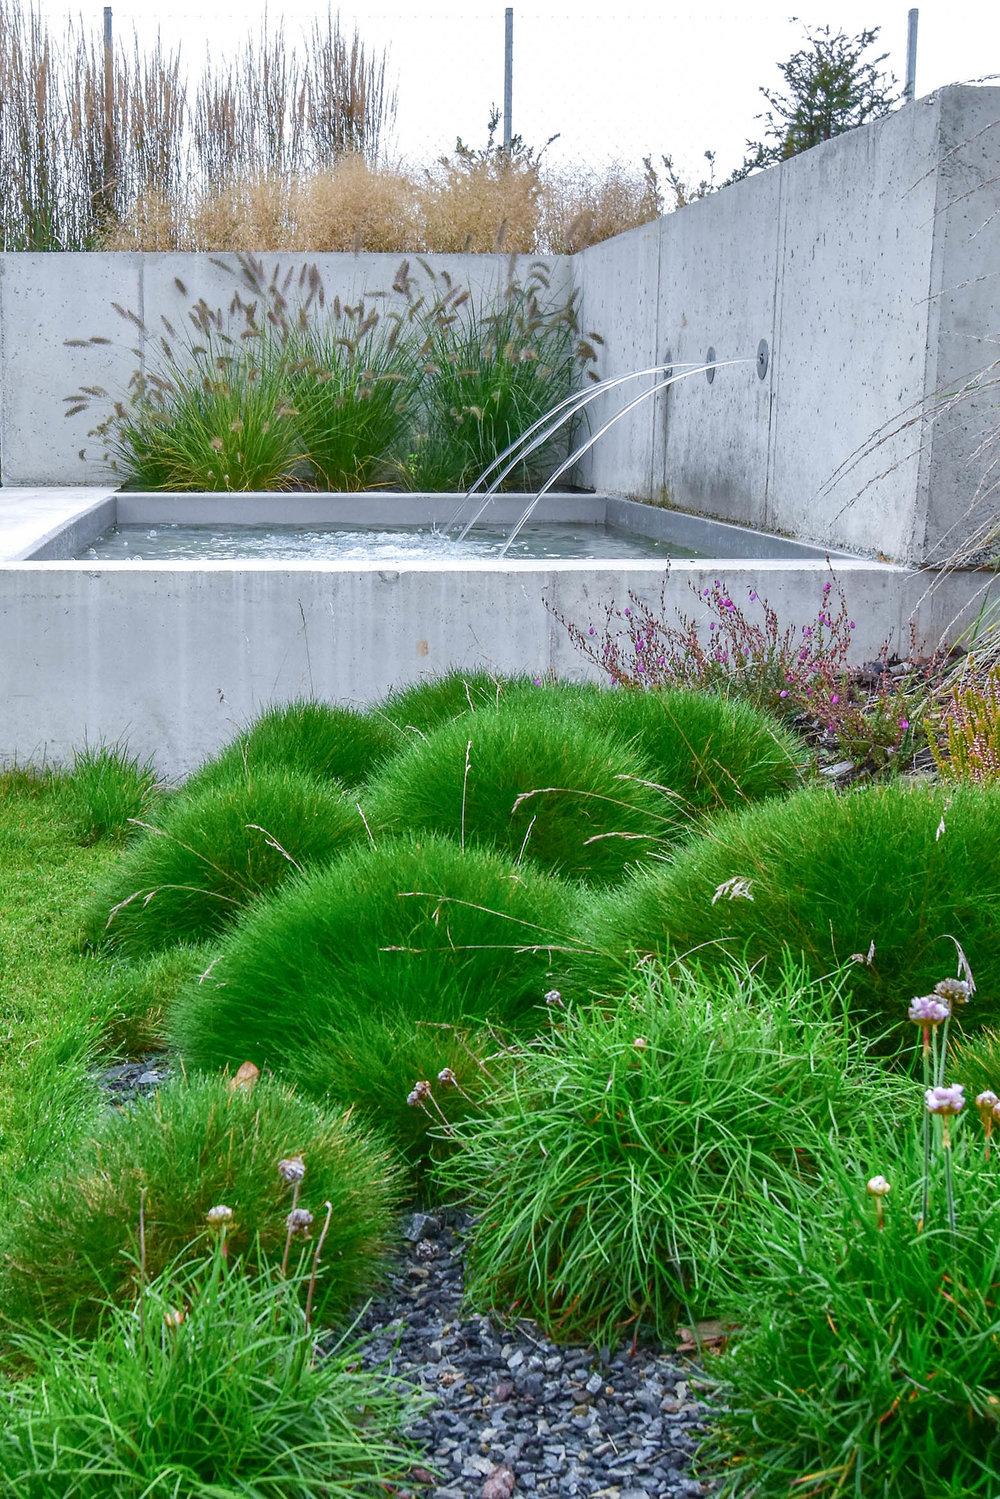 zahrada_kontrastu (17).jpg